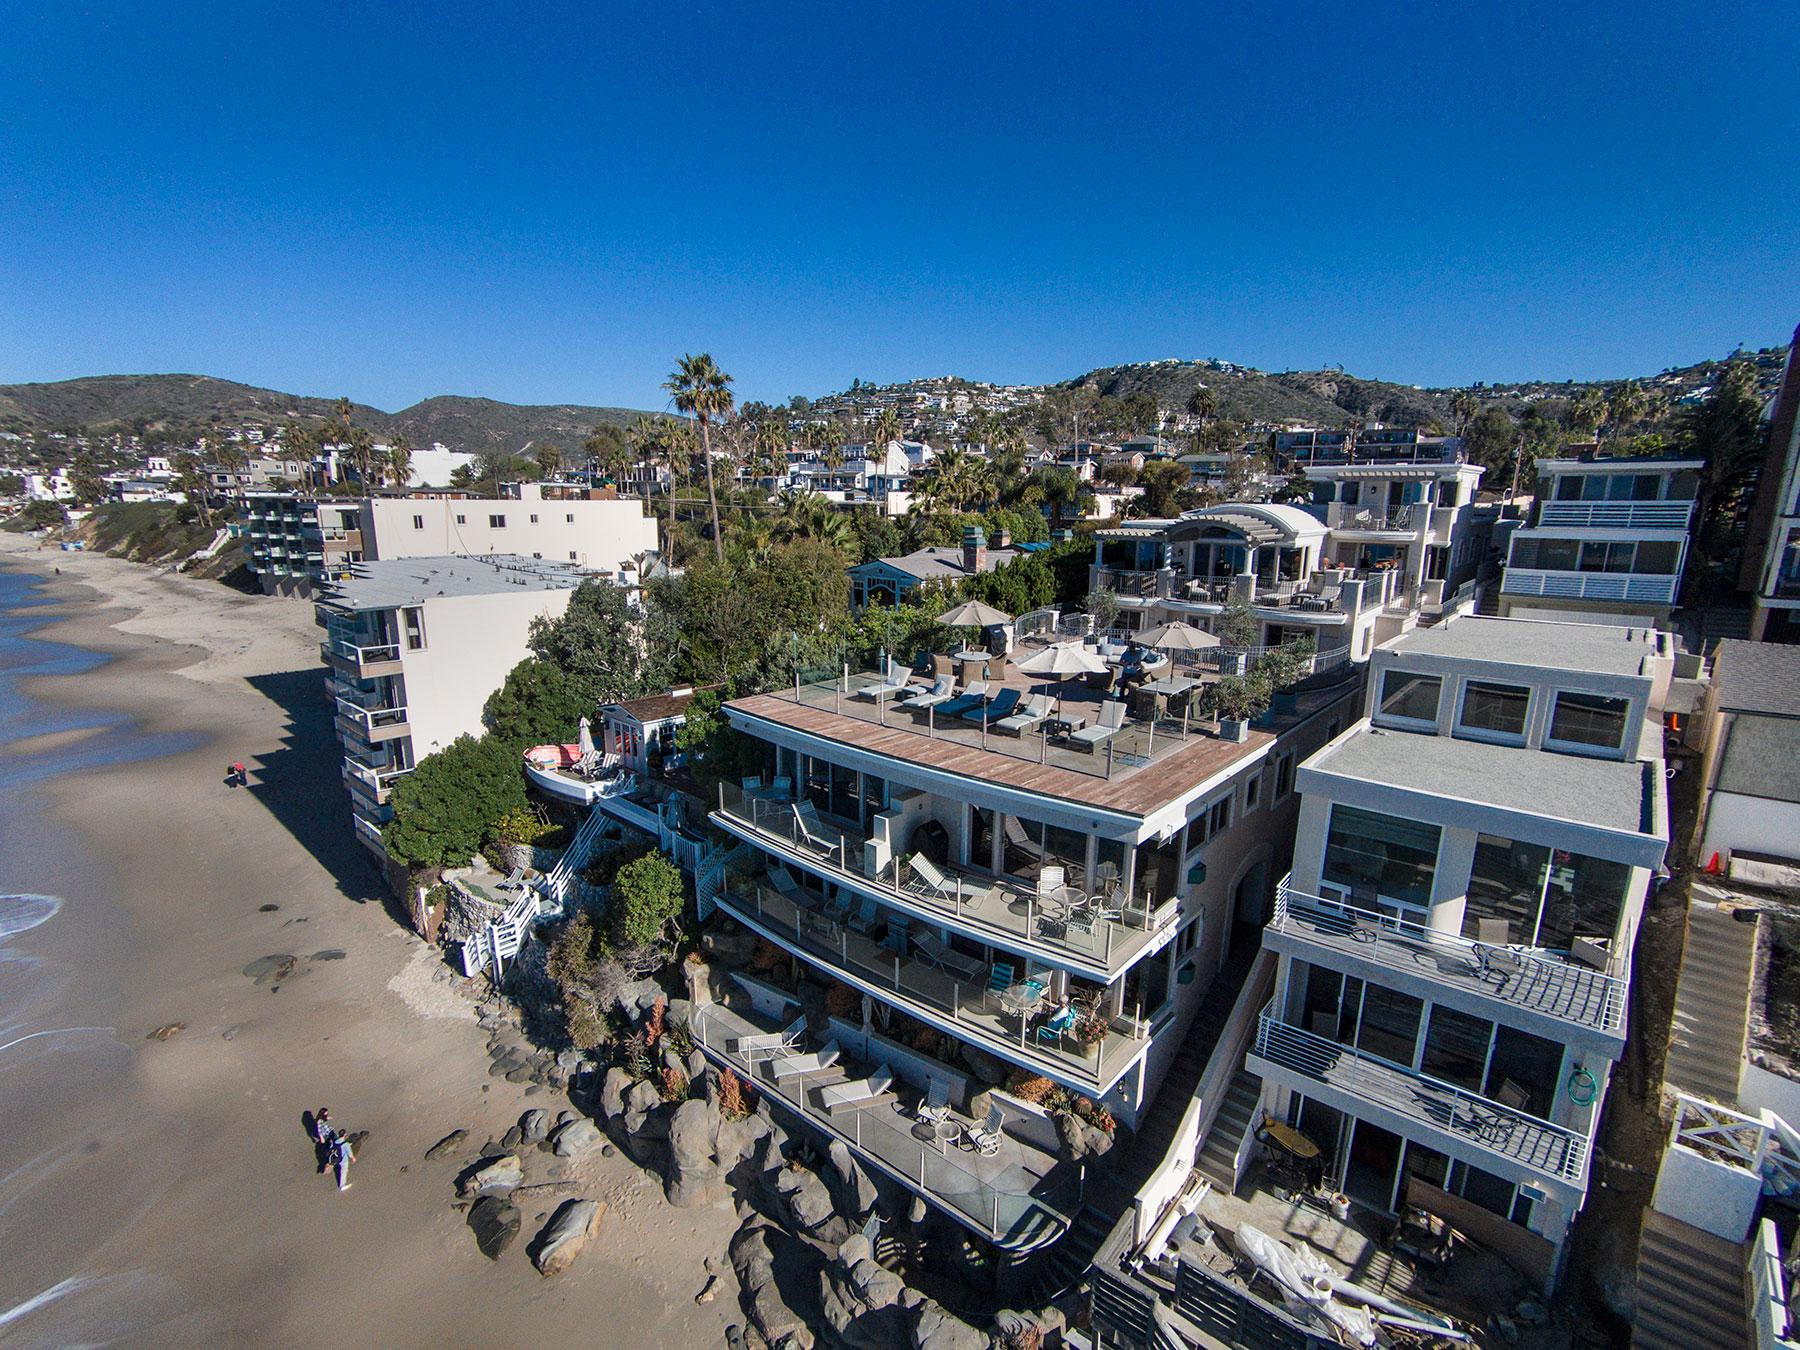 Các loại nhà khác vì Bán tại 683 Sleepy Hollow Way Laguna Beach, California, 92651 Hoa Kỳ